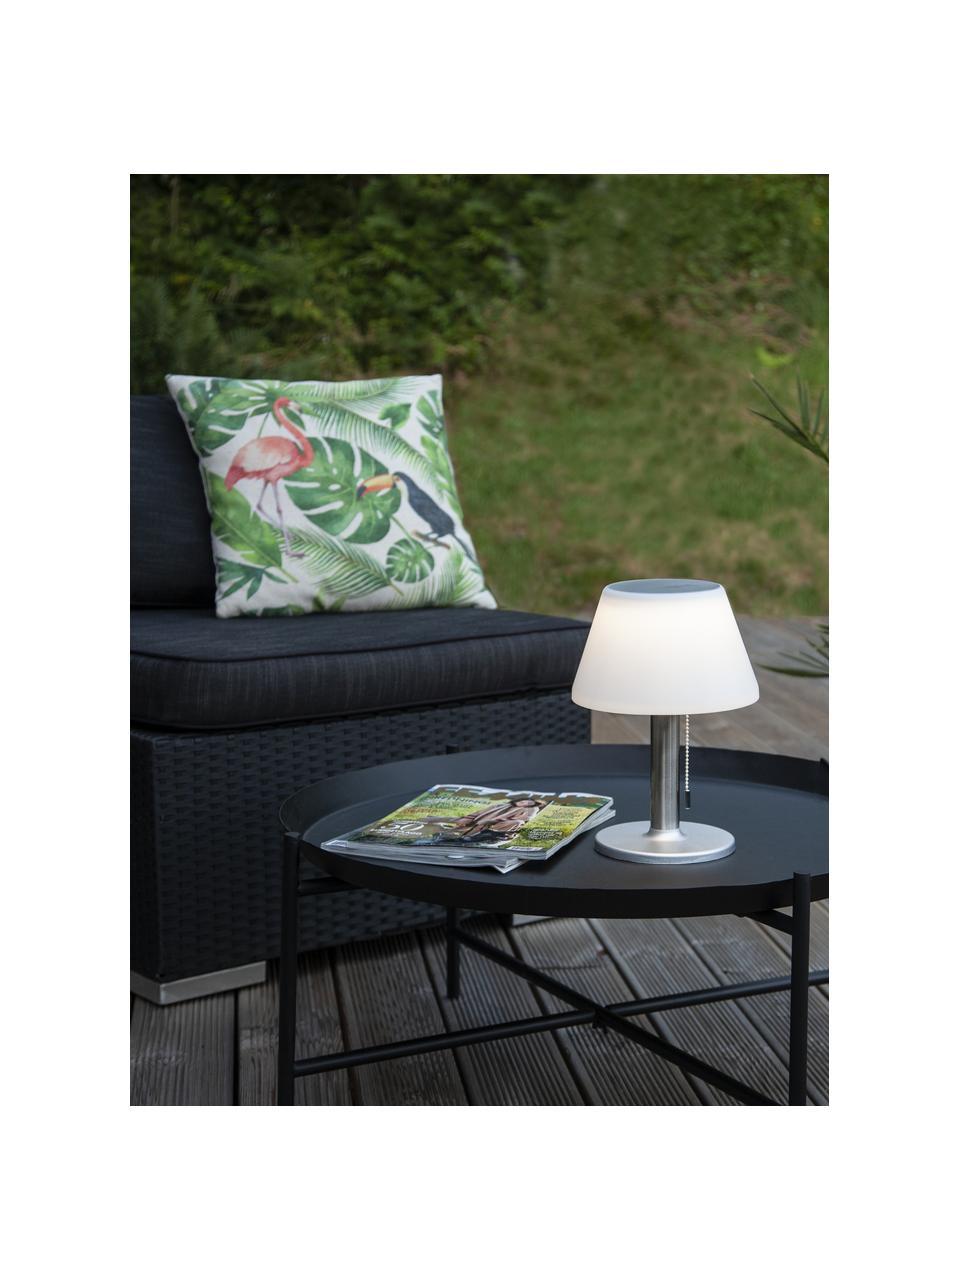 Solar Außentischlampe Solia, Lampenschirm: Kunststoff, Lampenfuß: Rostfreier Stahl, Weiß, Stahl, Ø 20 x H 28 cm